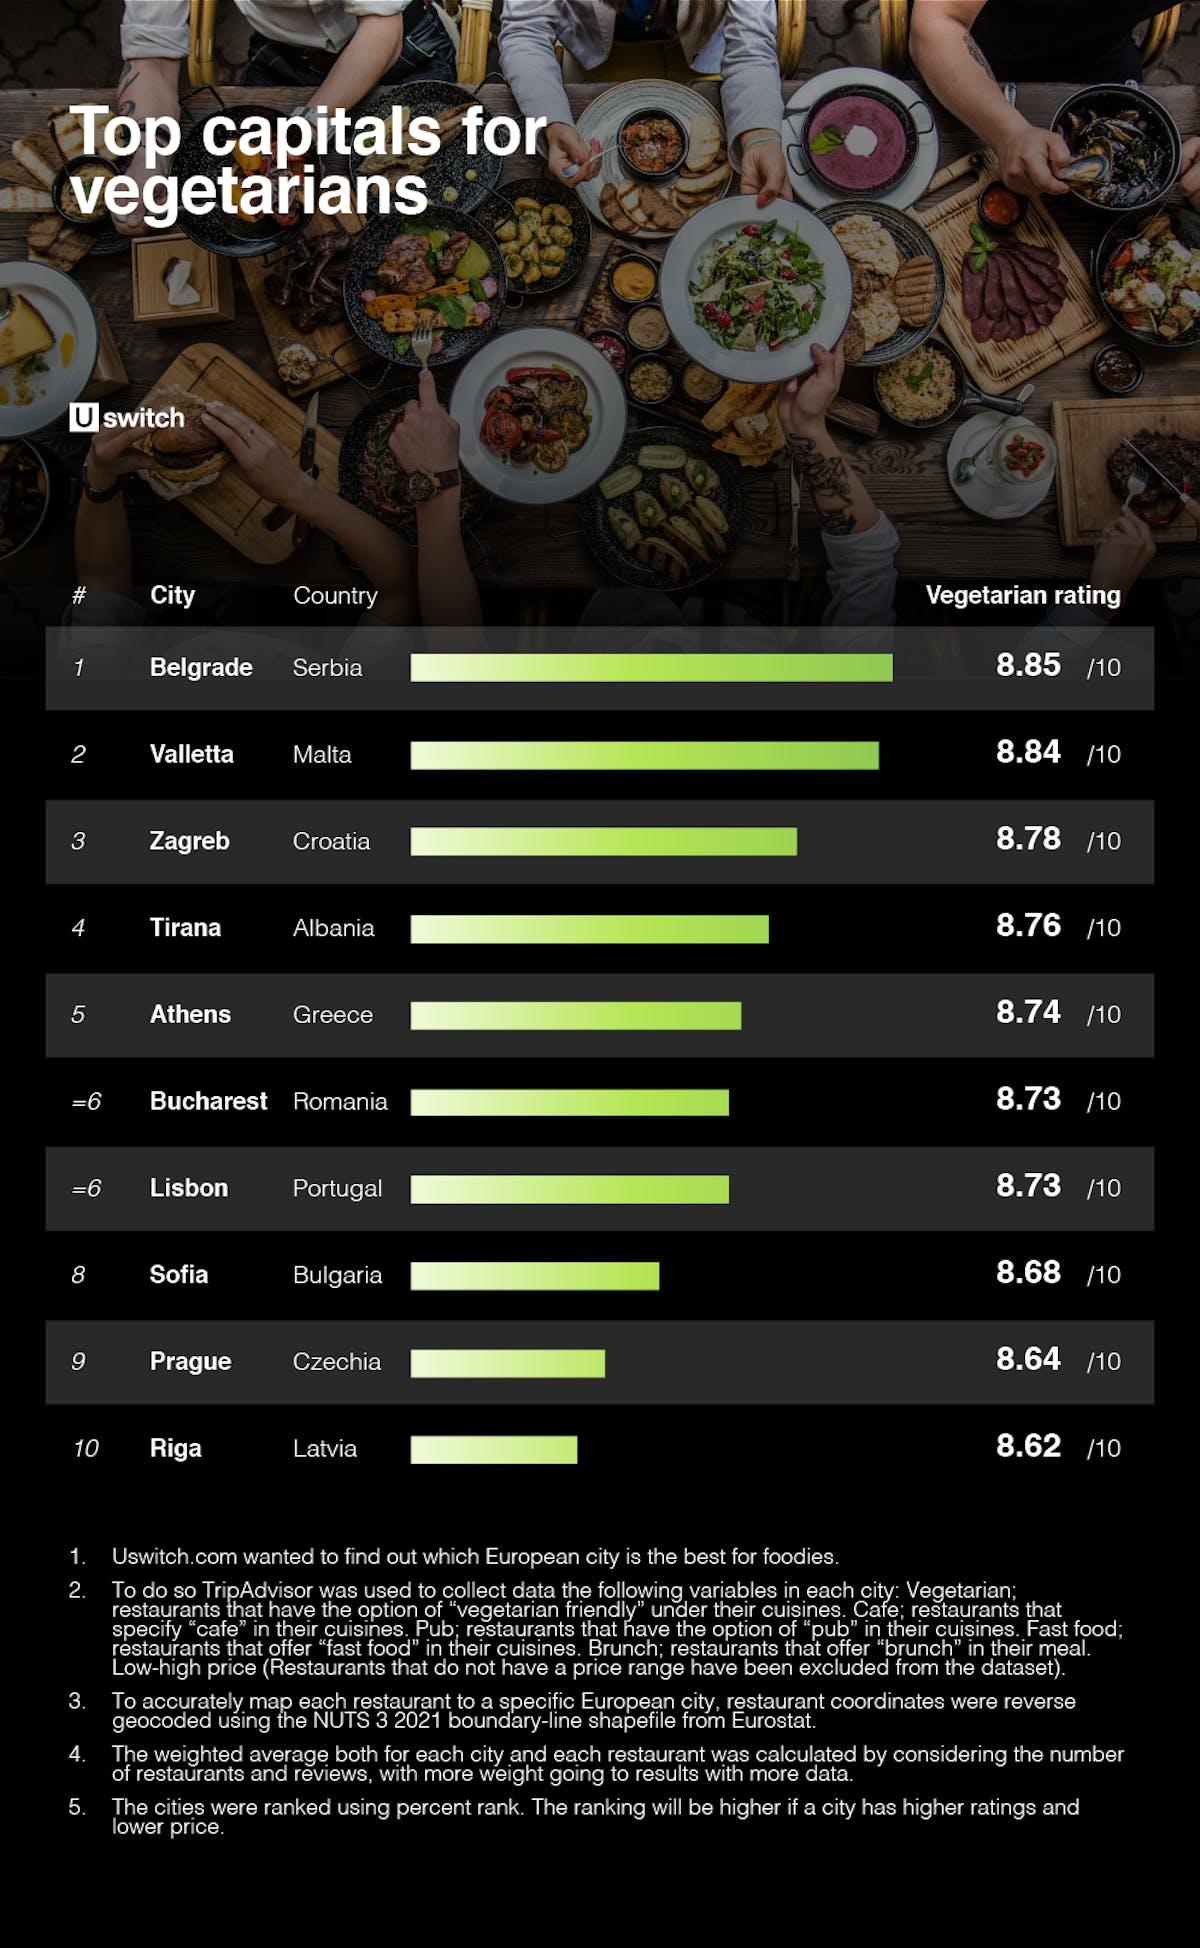 Top capitals for vegetarians